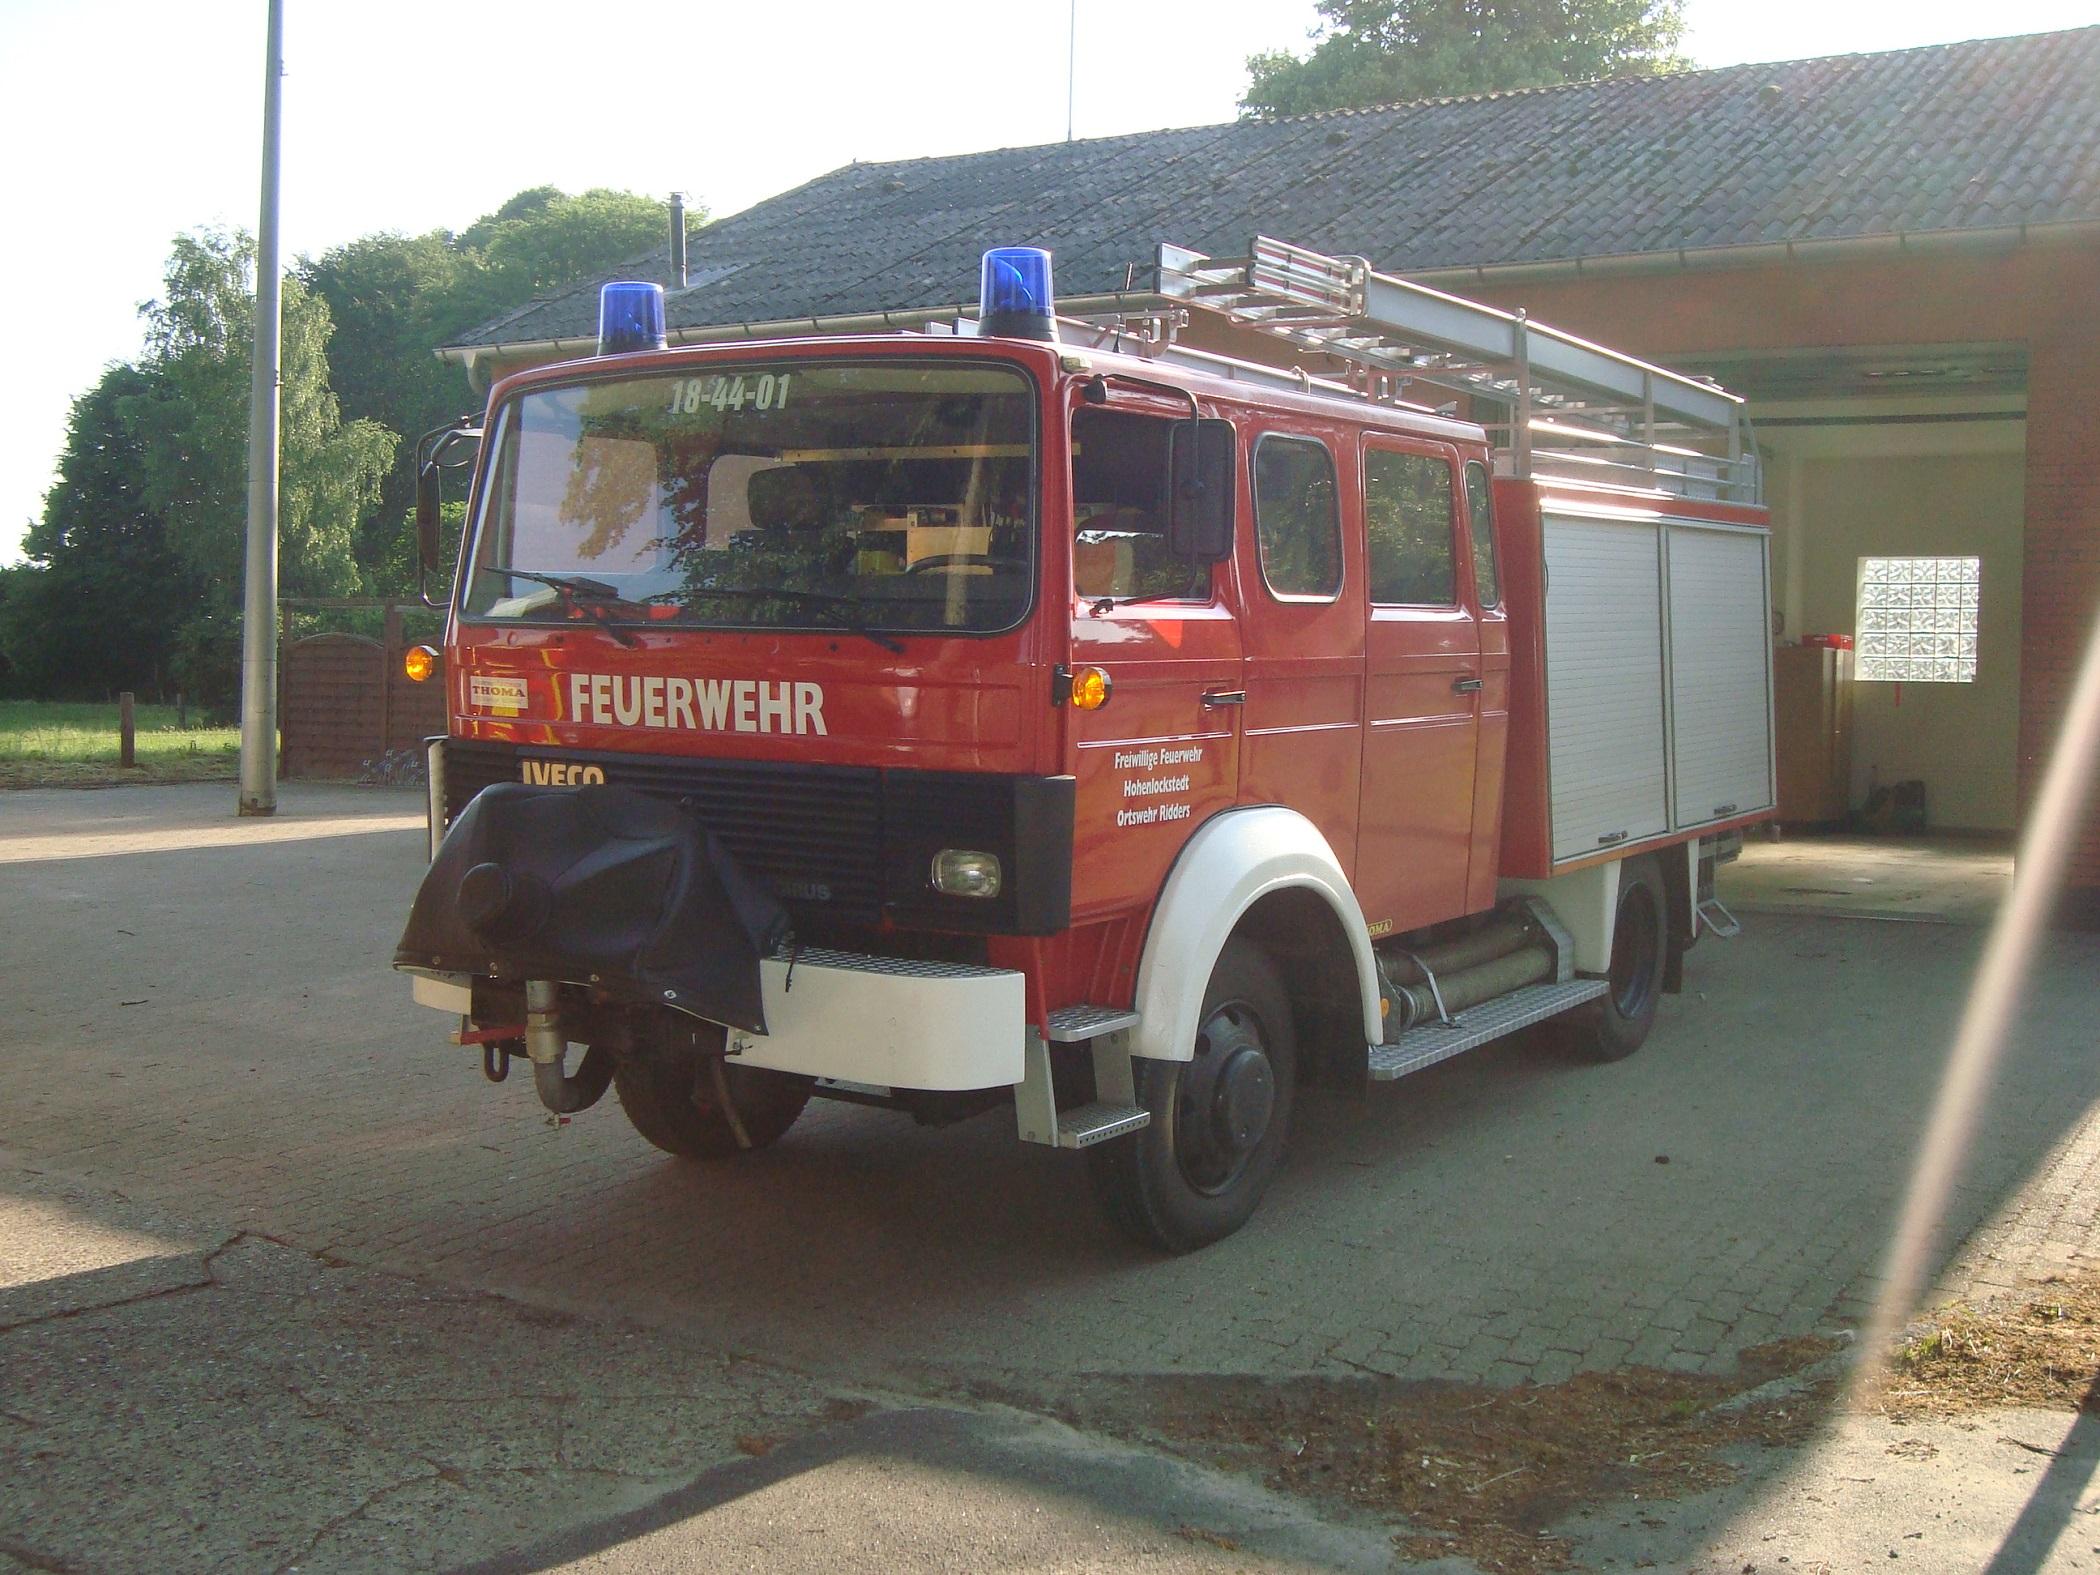 LF16-TS - 18-44-01 - OFw Ridders